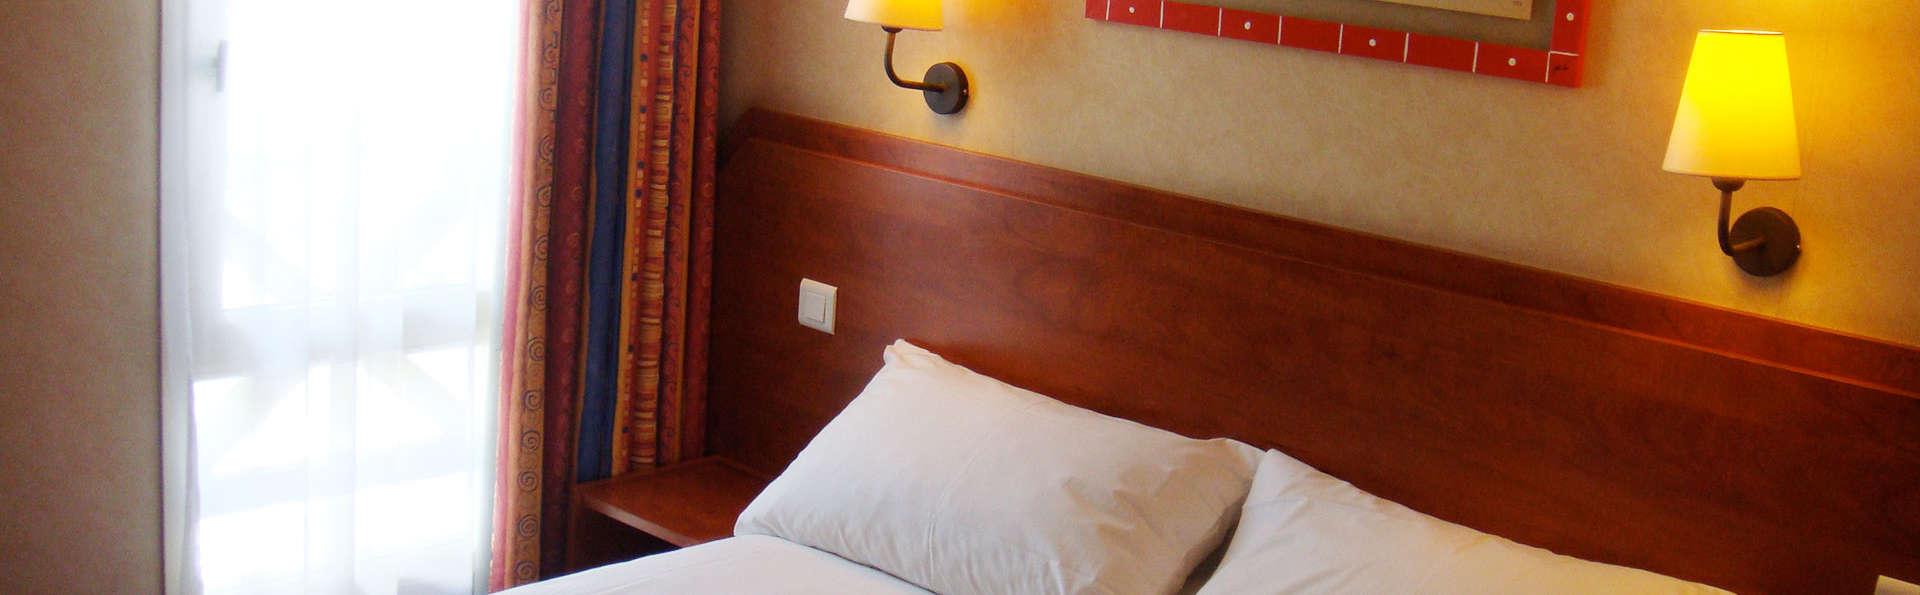 Hôtel Kyriad Nîmes Ouest - EDIT_standard.jpg